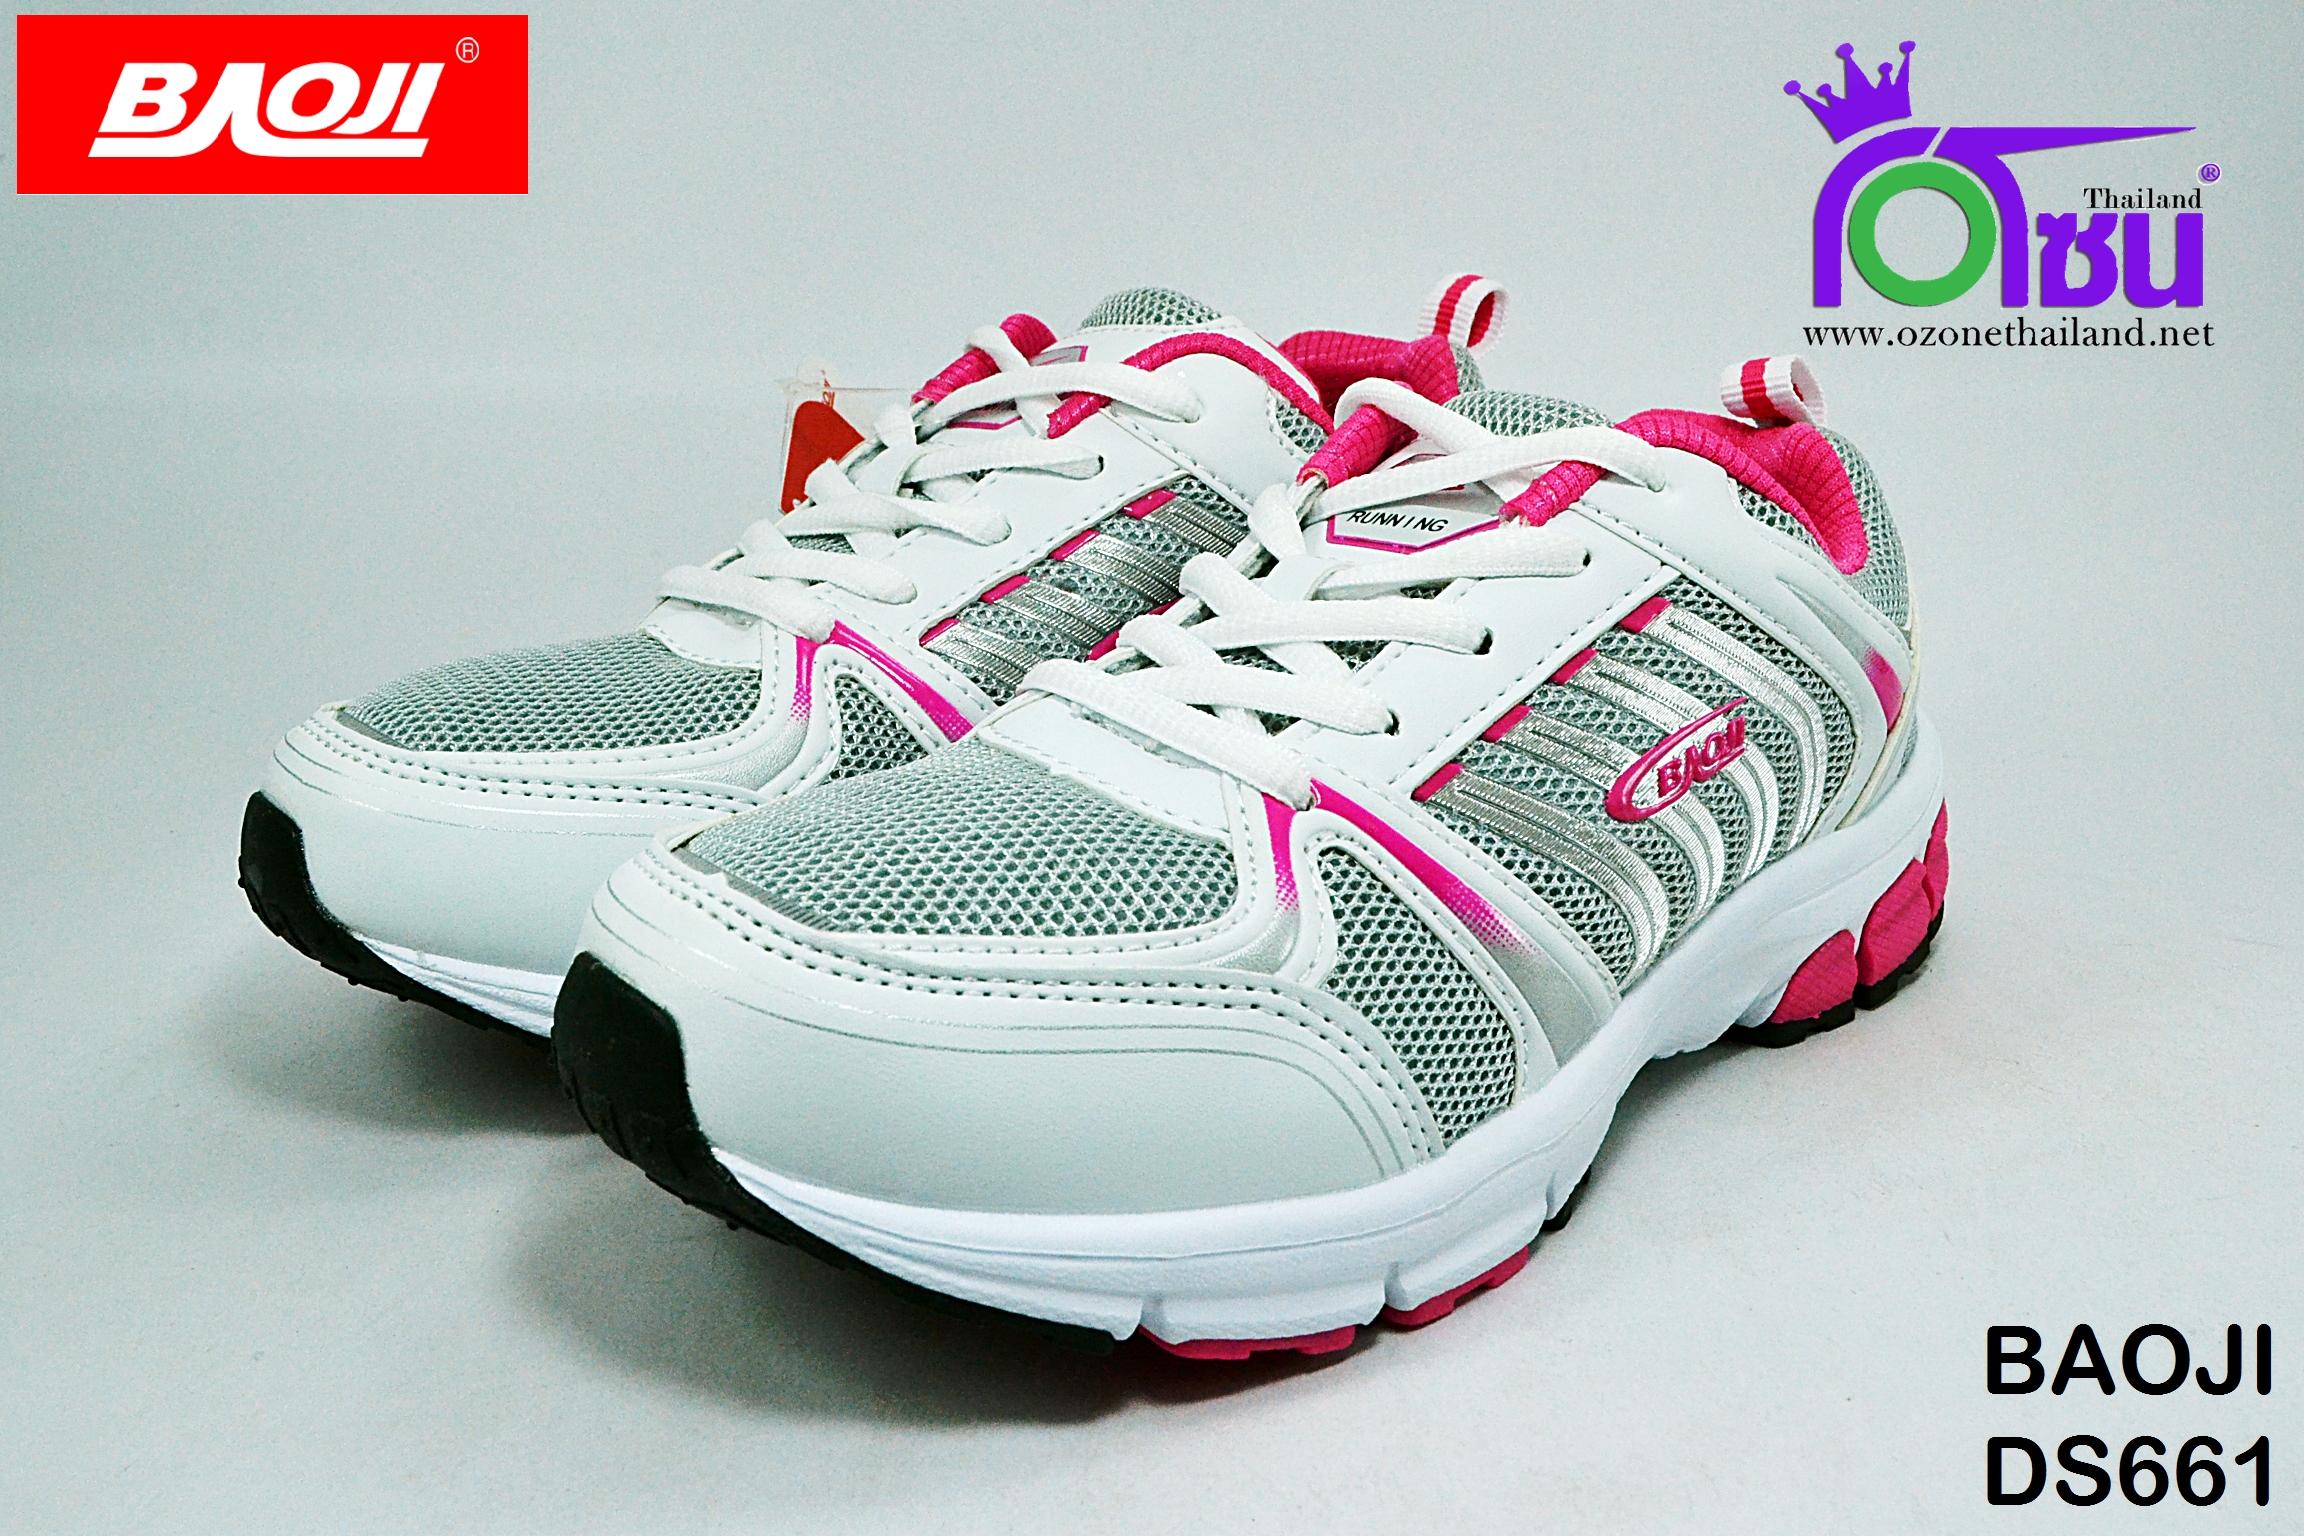 รองเท้าผ้าใบวิ่่ง BAOJI บาโอจิ รุ่นDS661 สีชมพู เบอร์ 37-41